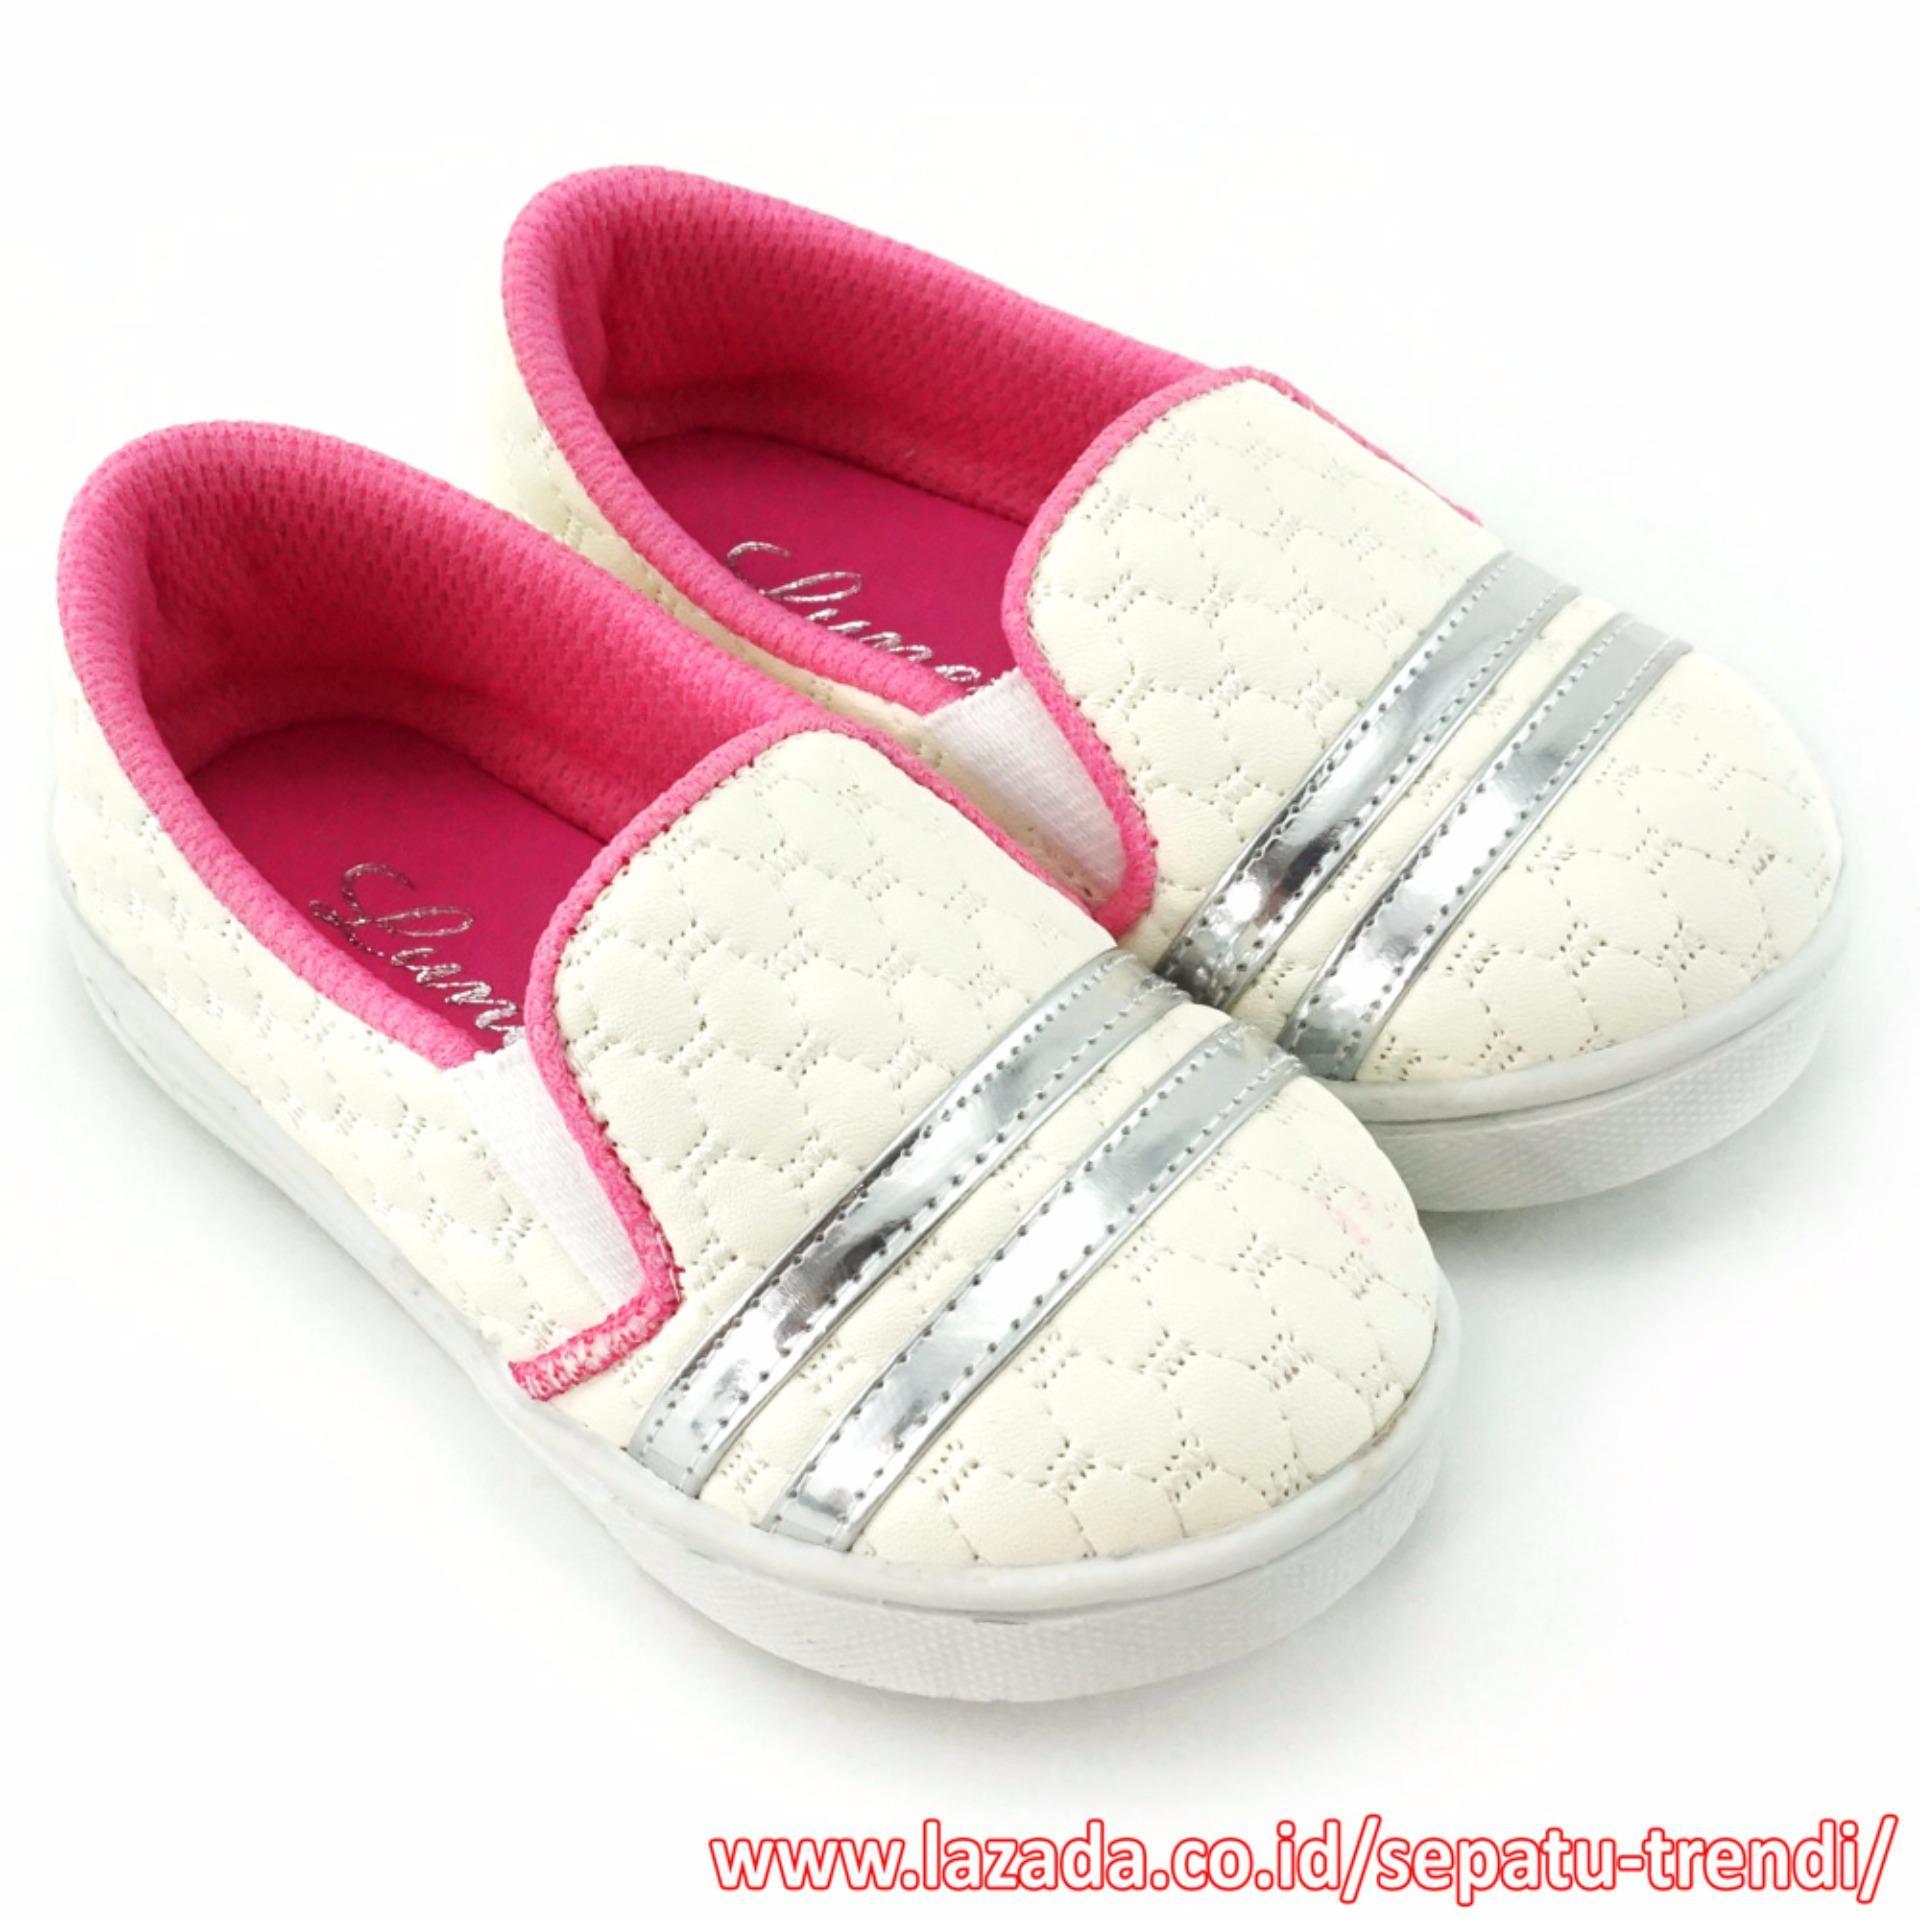 TrendiShoes Sepatu Anak Bayi Perempuan Slip On Cantik Elegan PLAG - Putih .